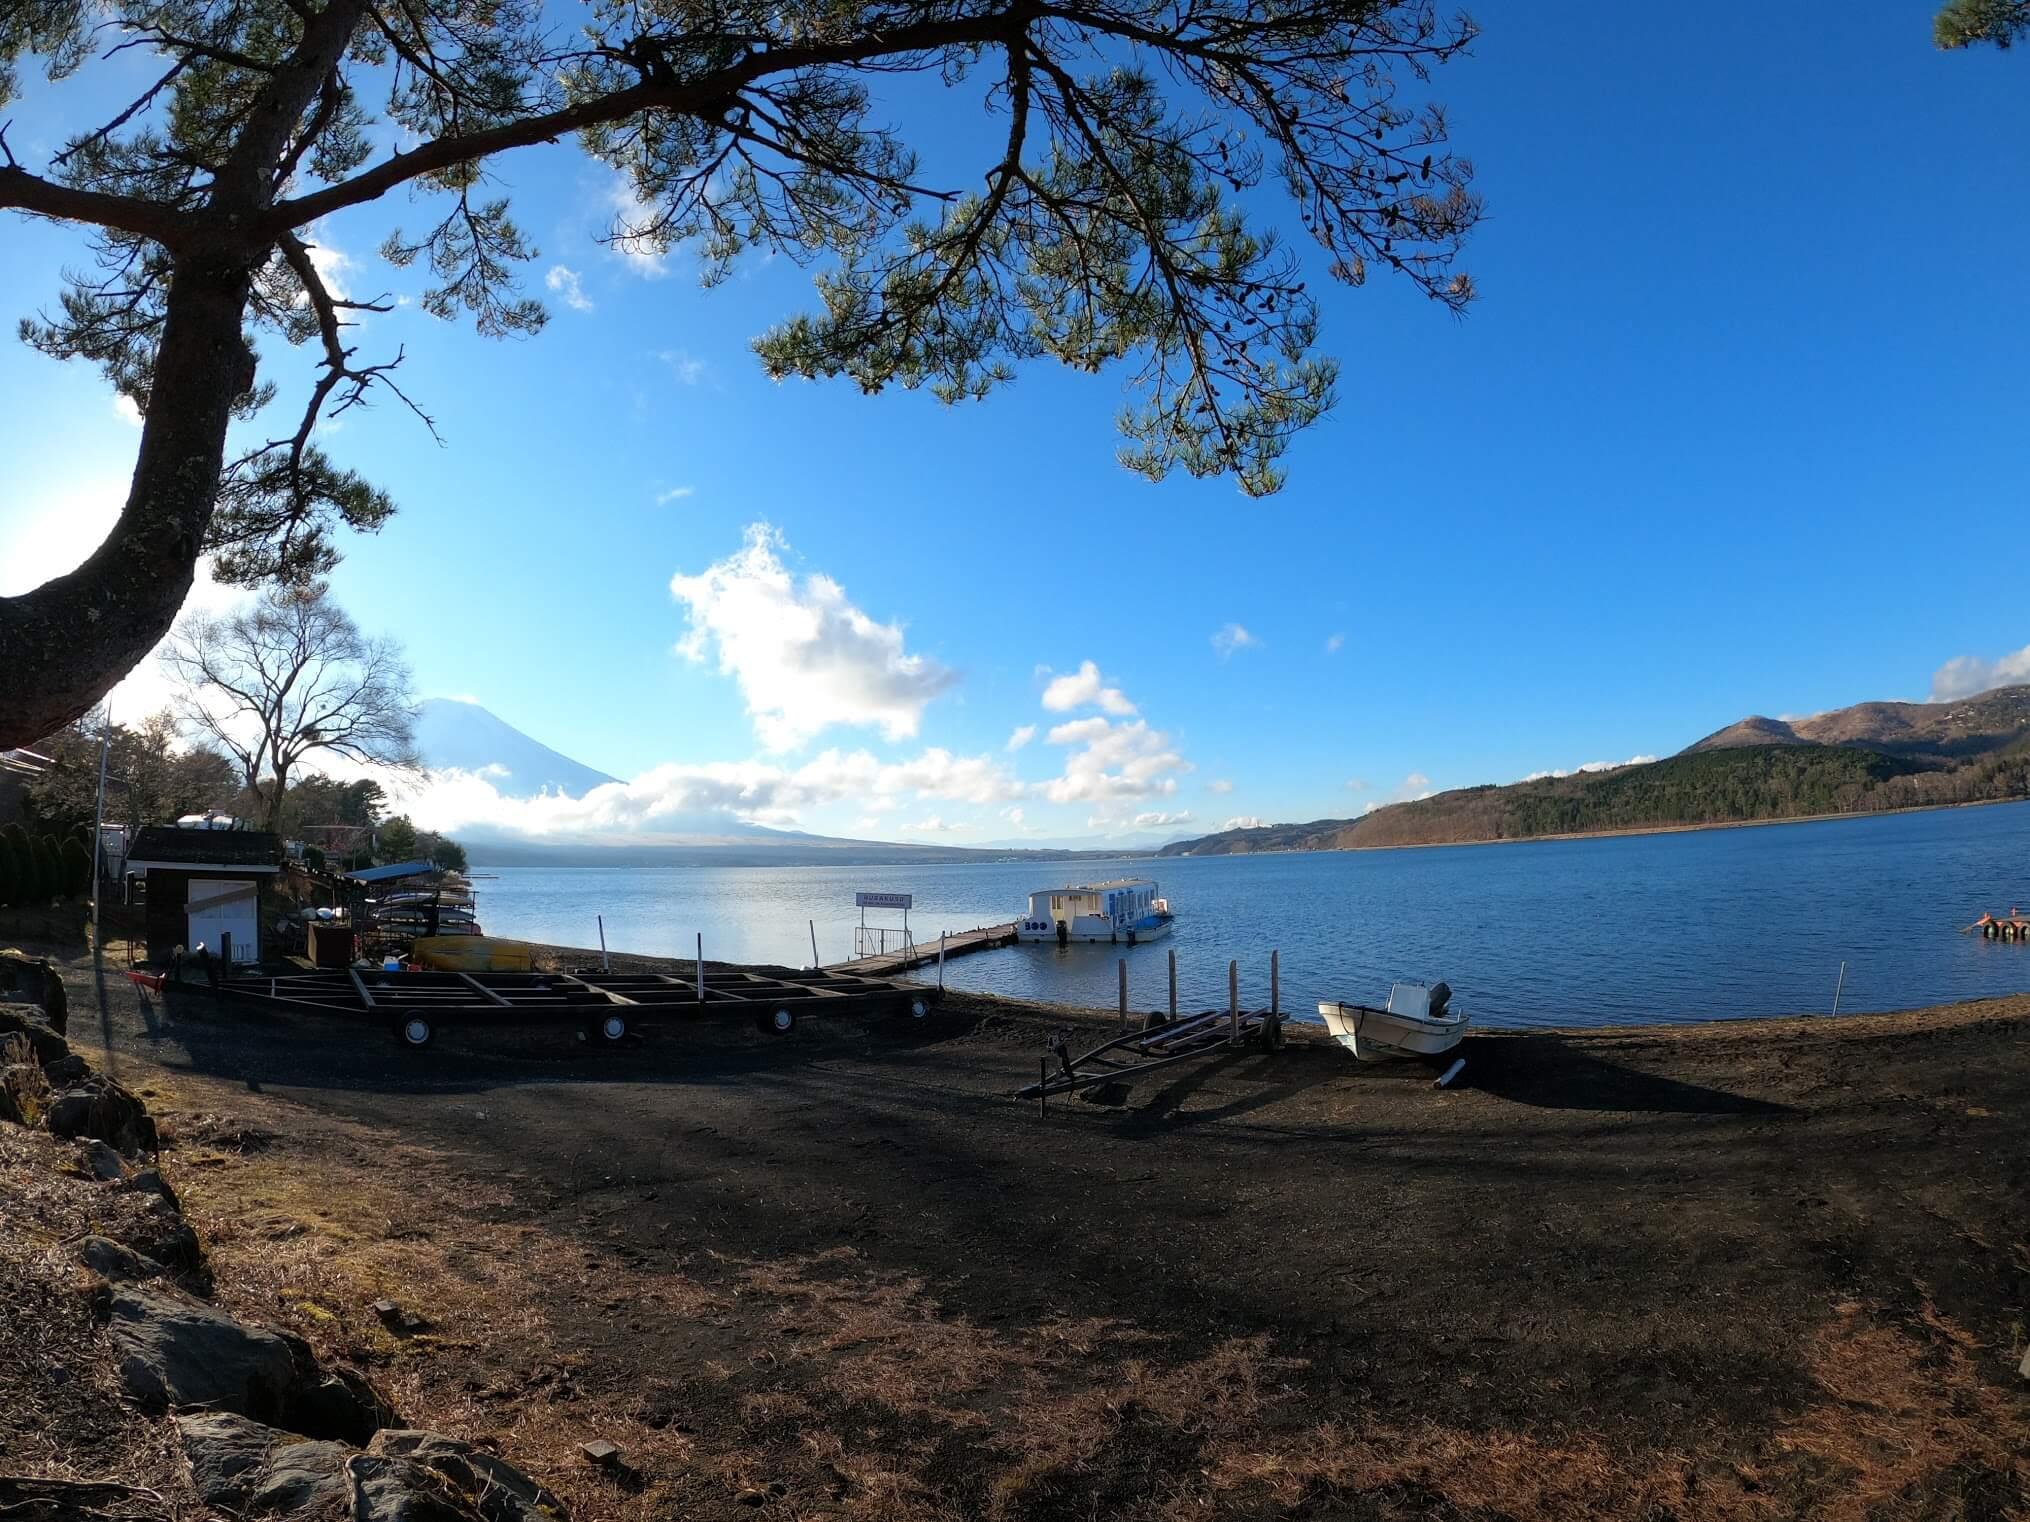 山中湖 わかさぎ釣りドーム船「BOO」